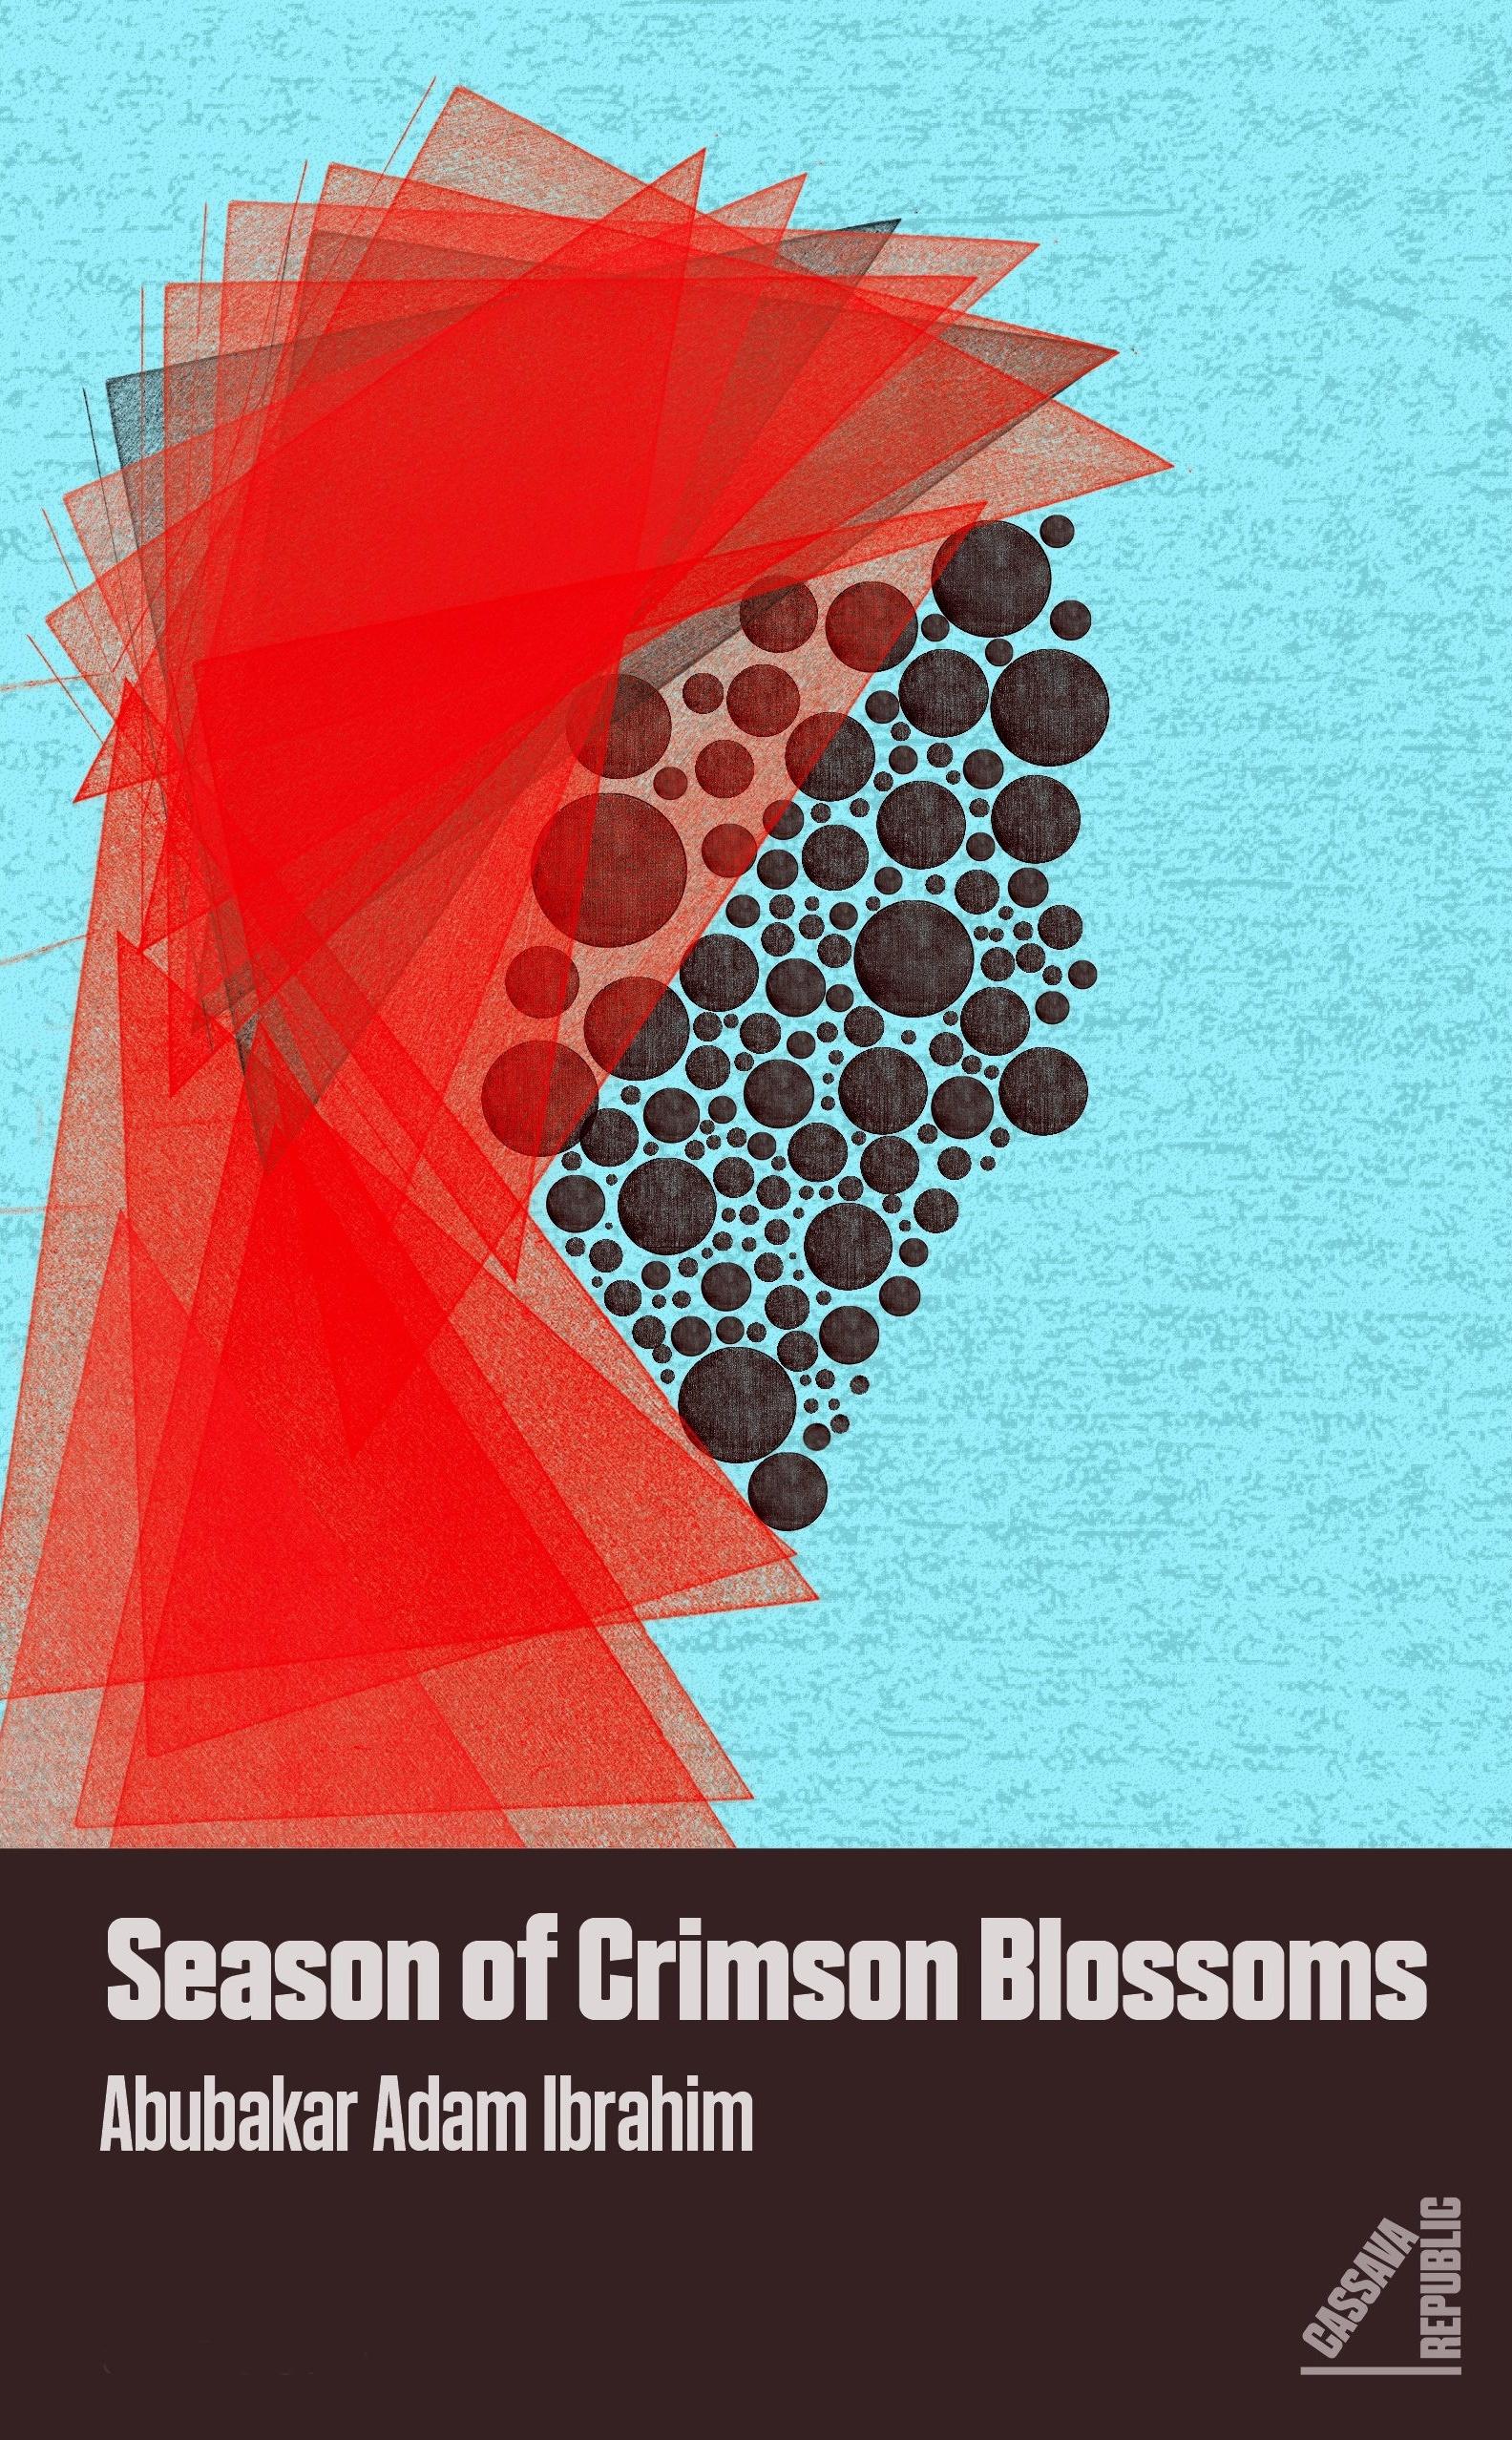 Season_of_Crimson_Blossoms_Cover